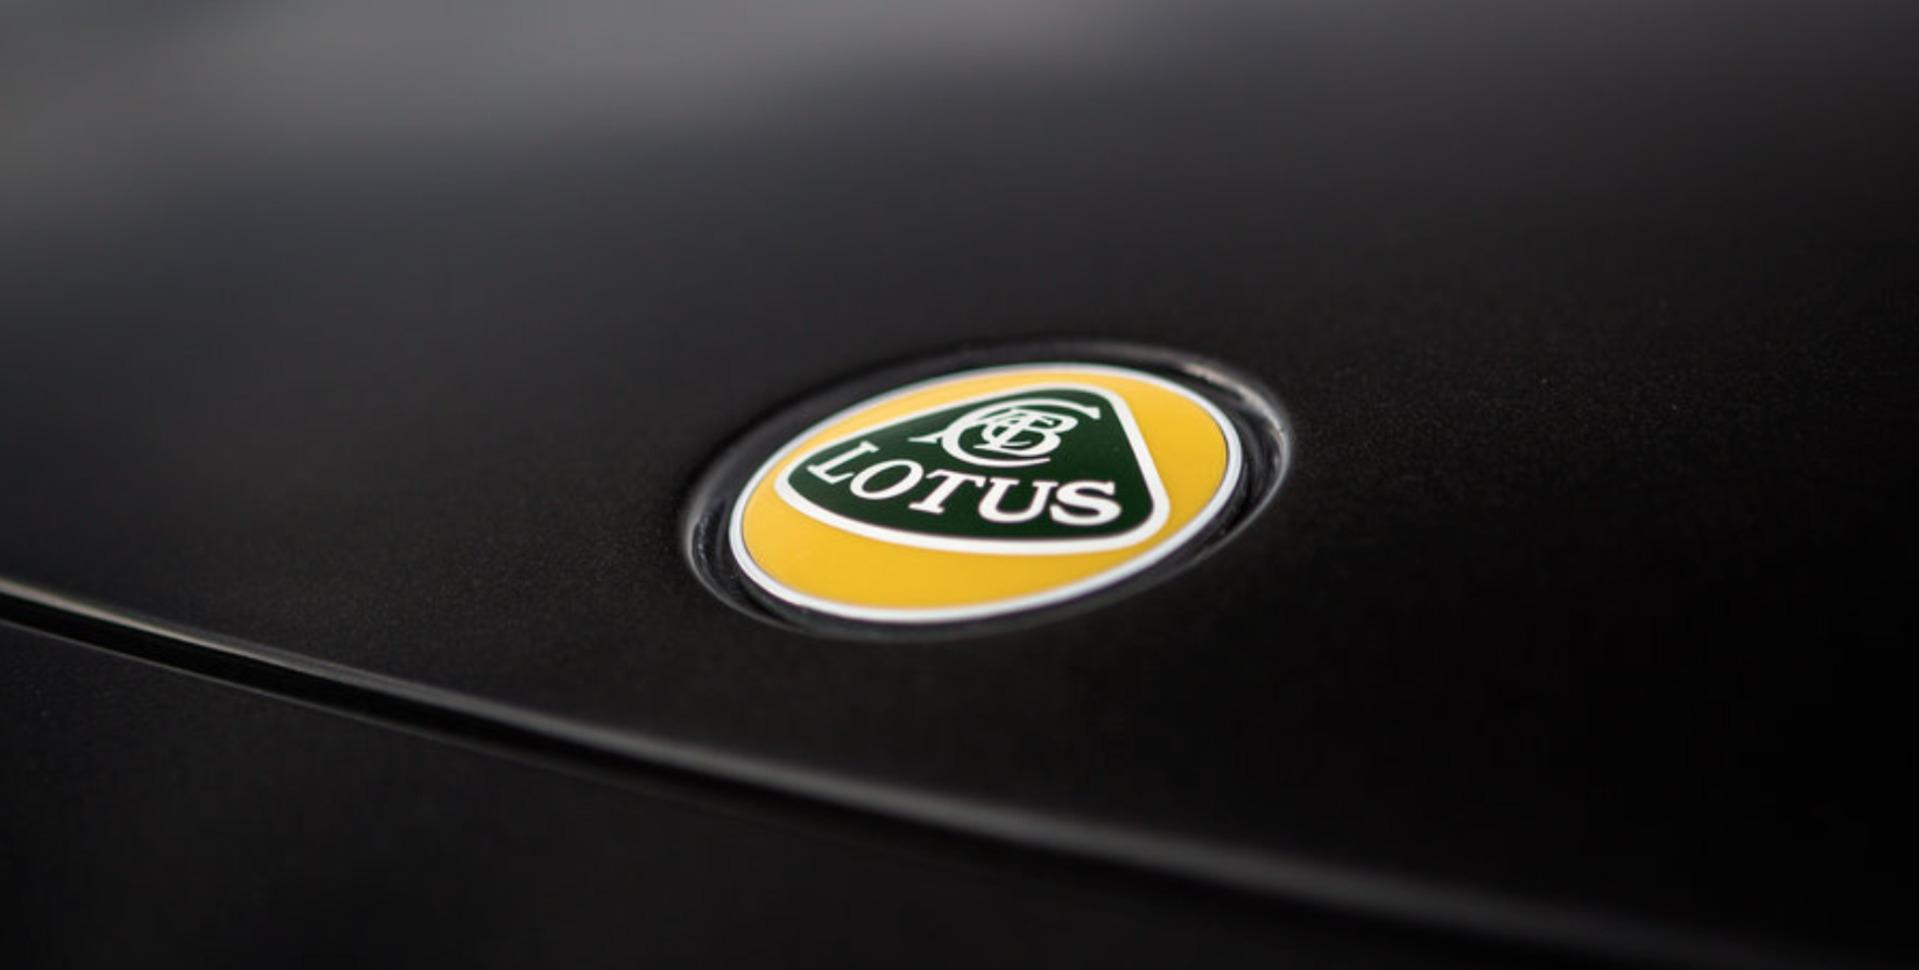 Insignia Lotus